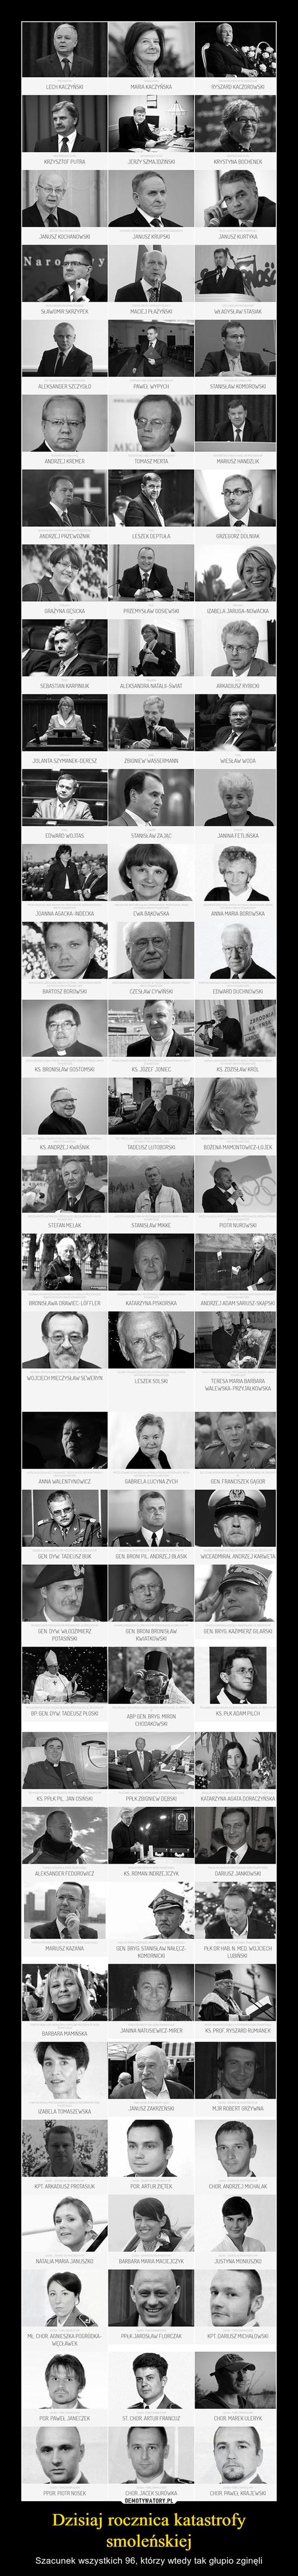 Dzisiaj rocznica katastrofy smoleńskiej – Szacunek wszystkich 96, którzy wtedy tak głupio zginęli